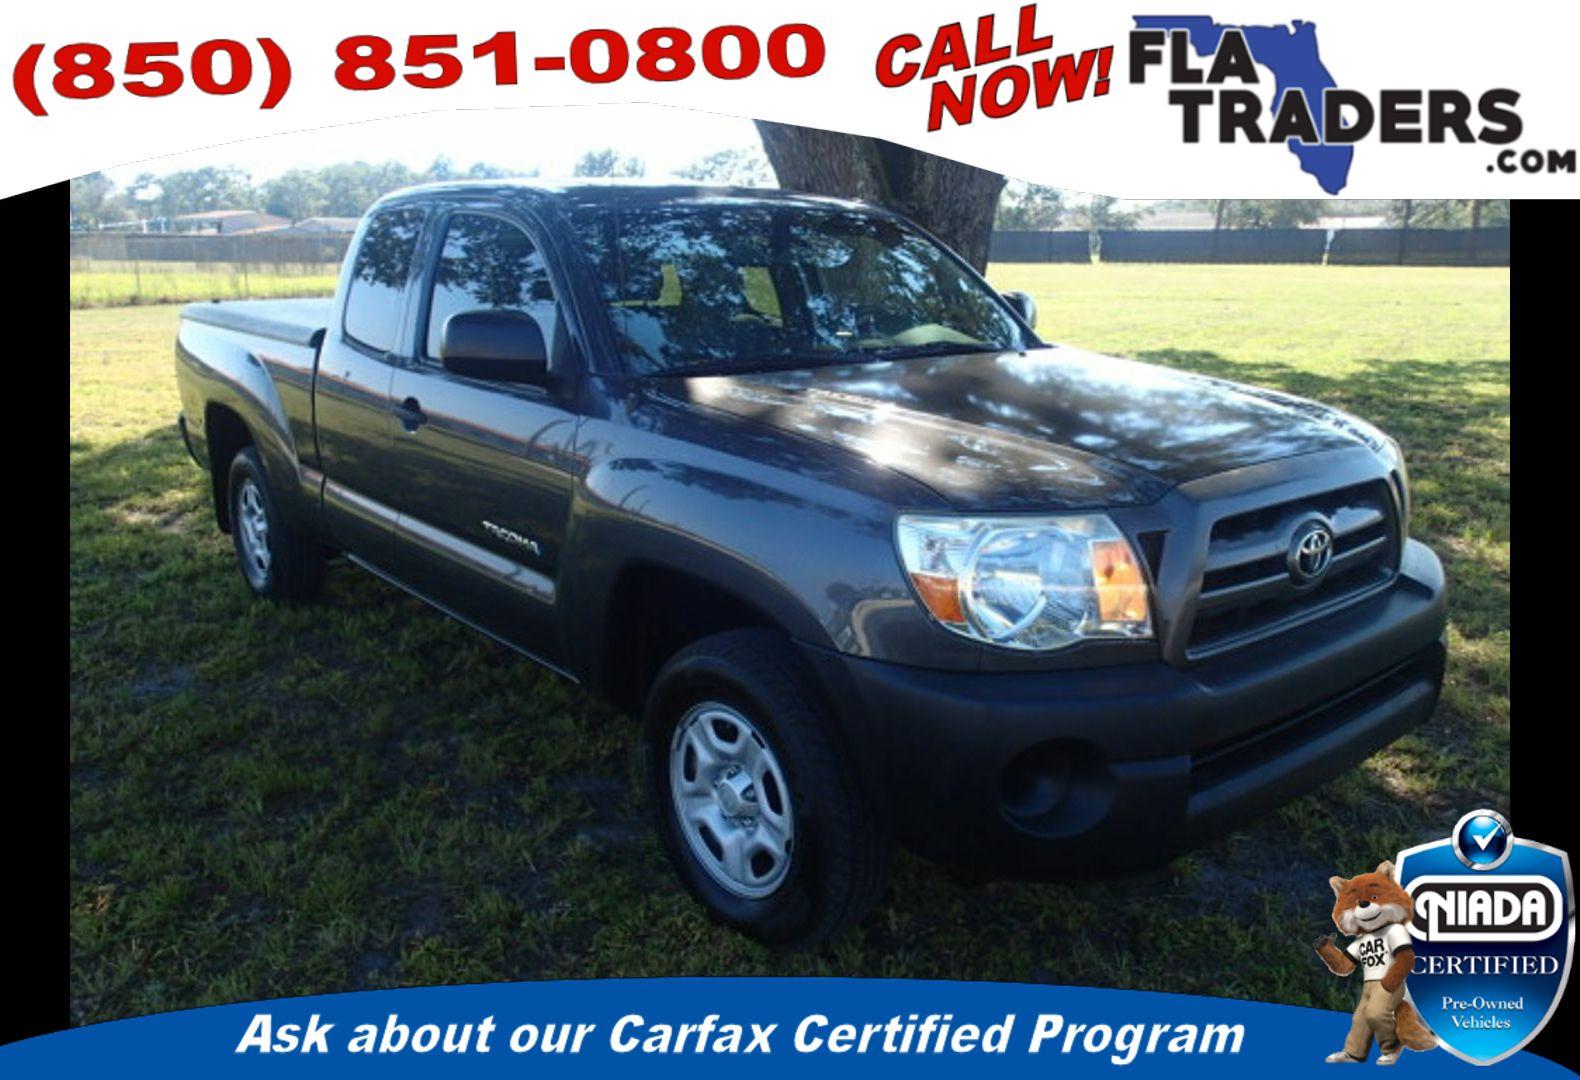 2010 TOYOTA TACOMA ACCESS CAB - Florida Traders Used Cars in Panama ...